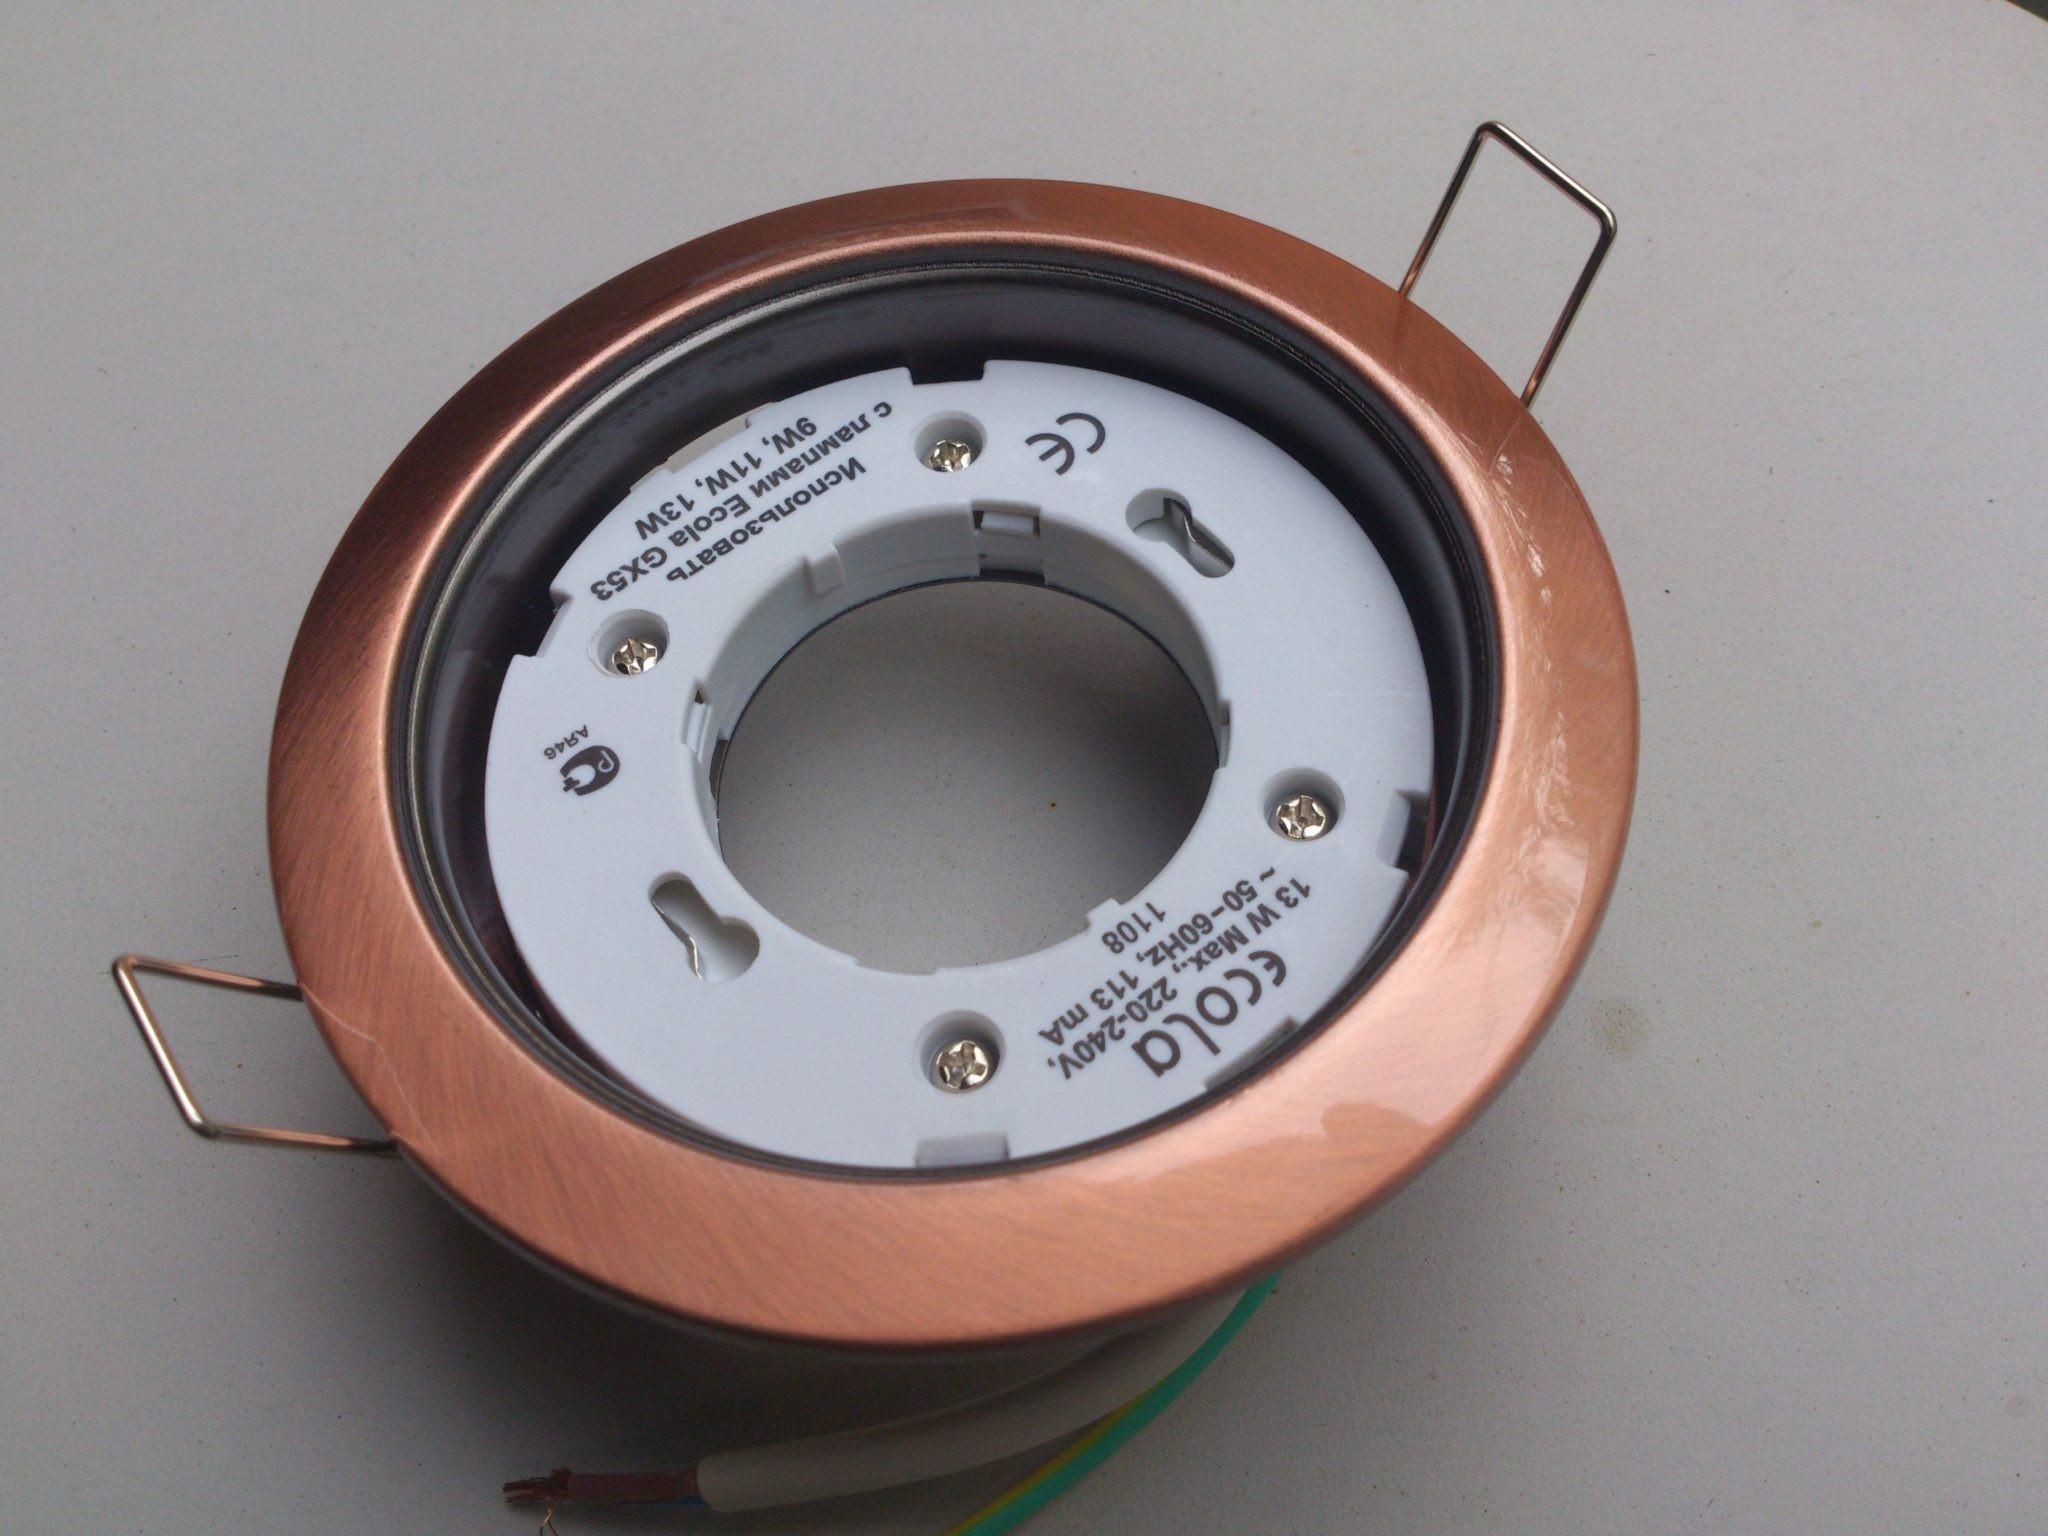 GX53 светильник для натяжных потолков и что нужно о нем знать